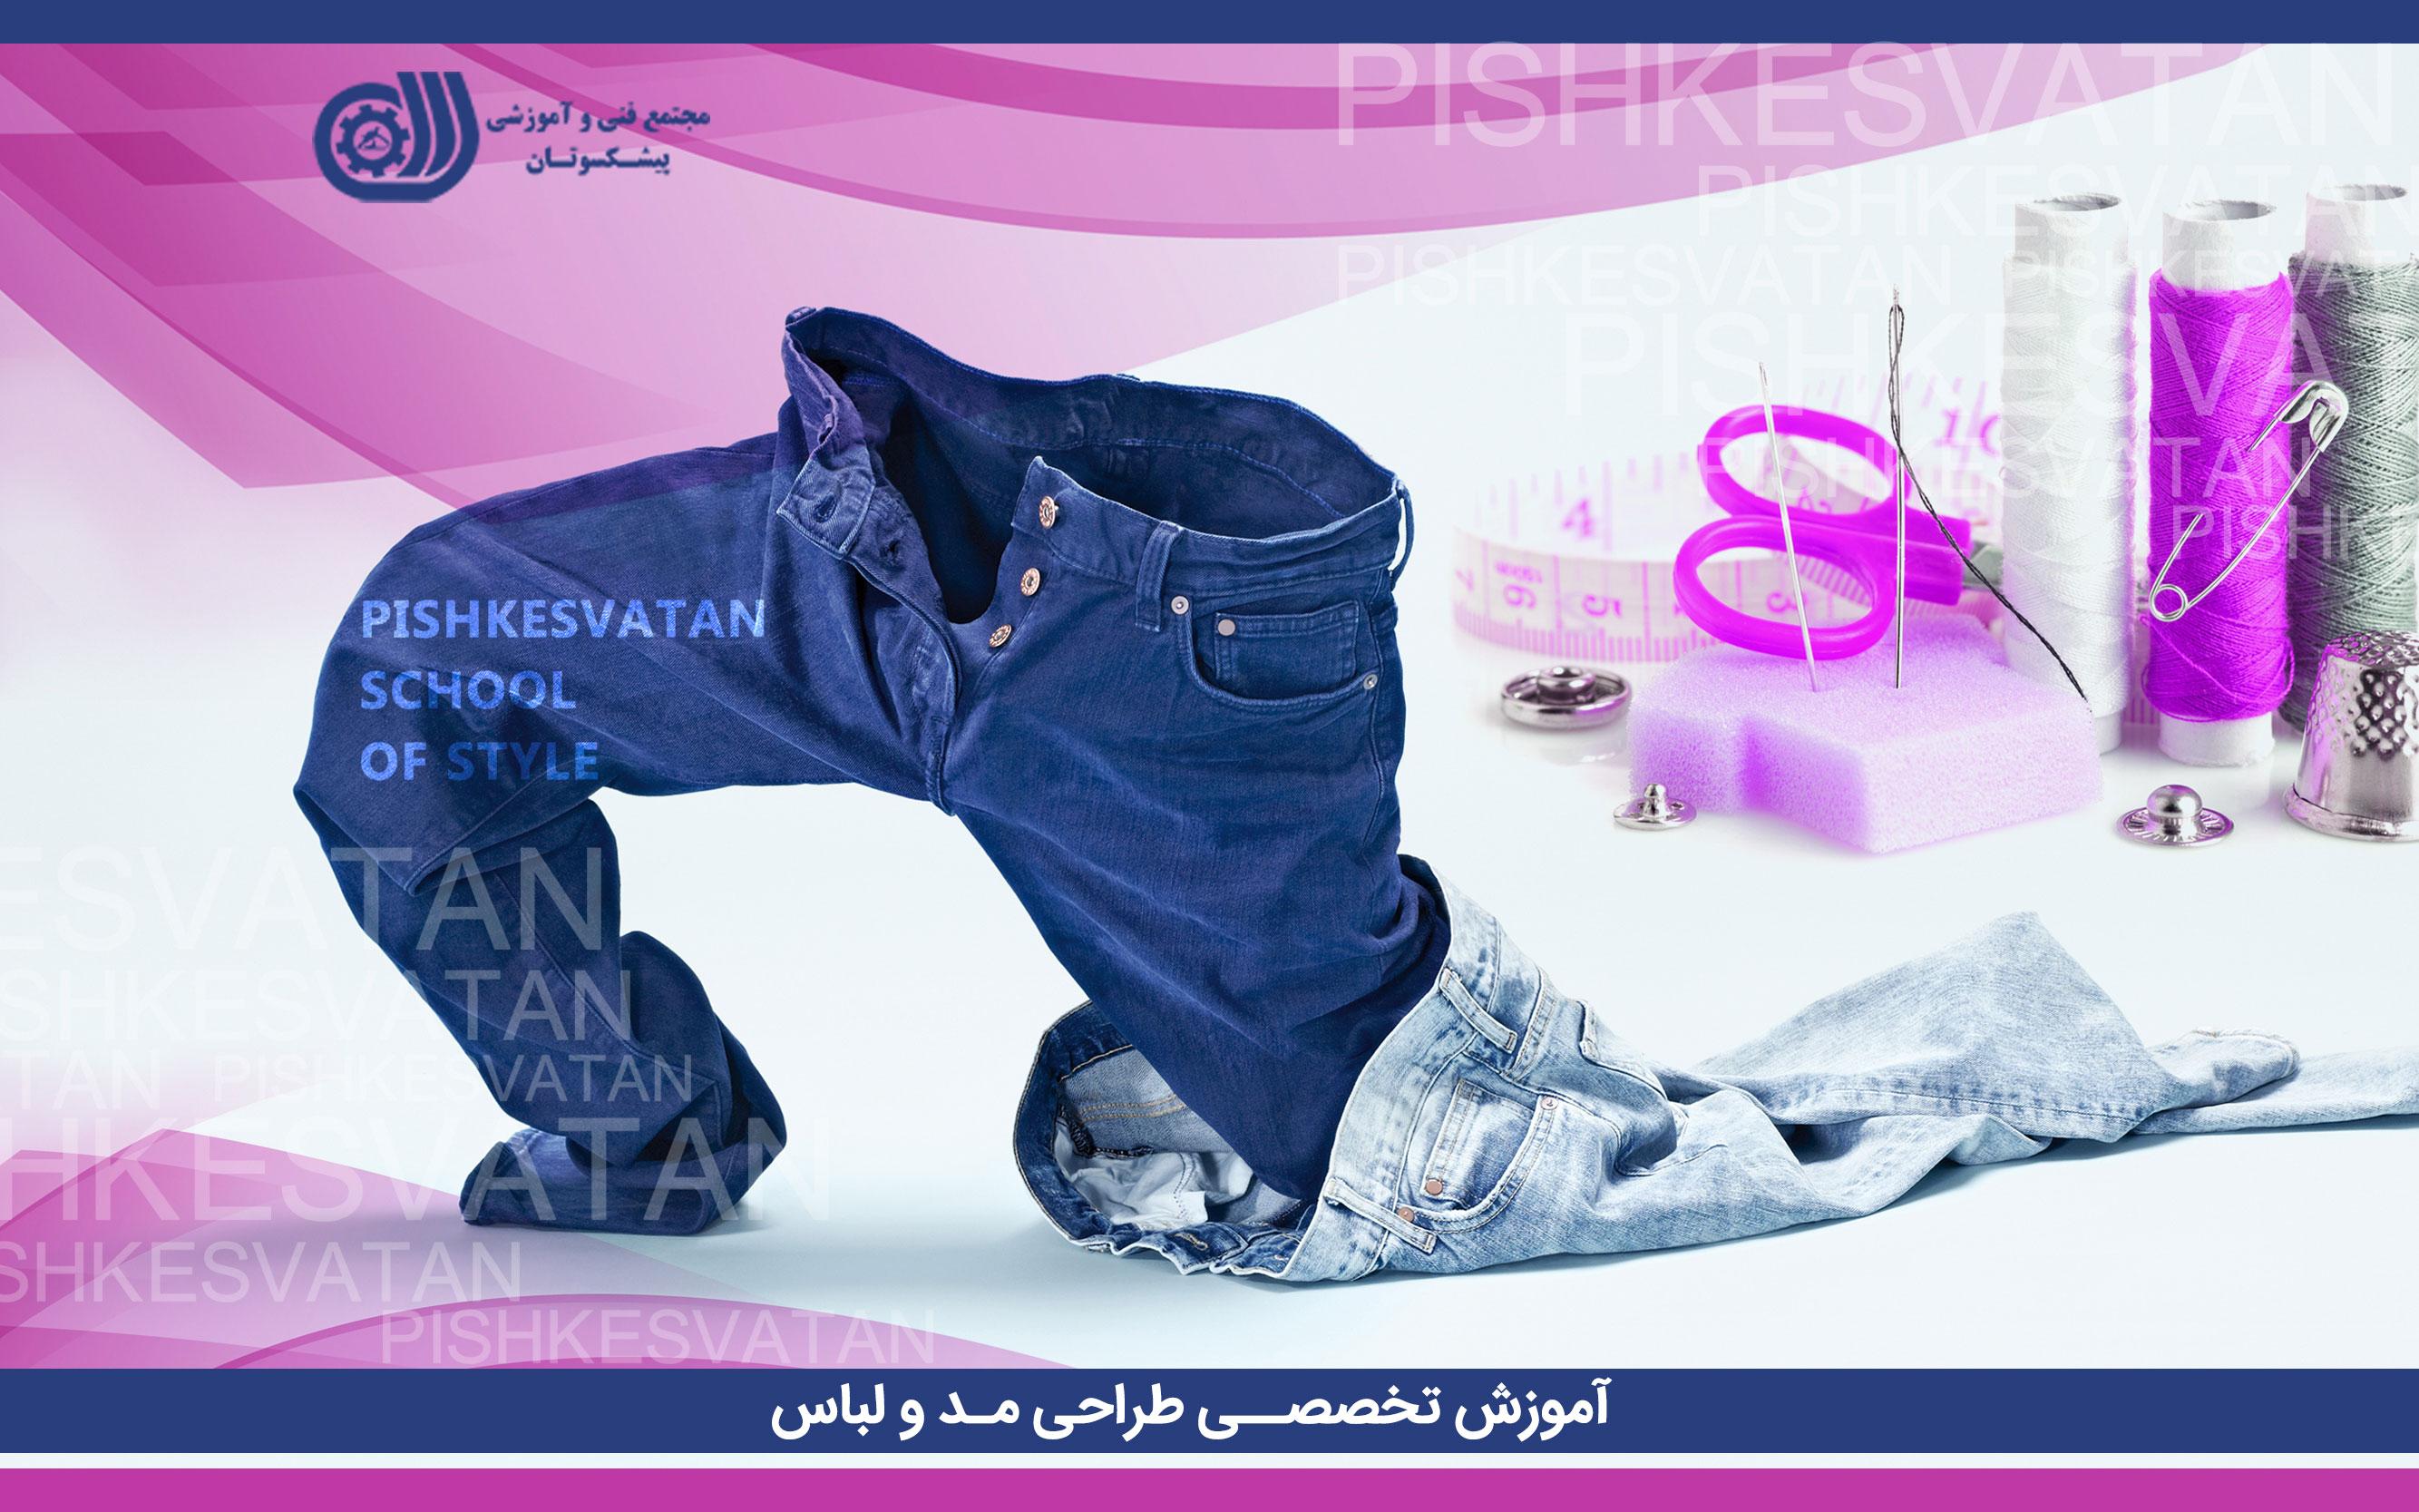 دوره آموزش کاربردی طراحی مد و آموزش طراحی لباس